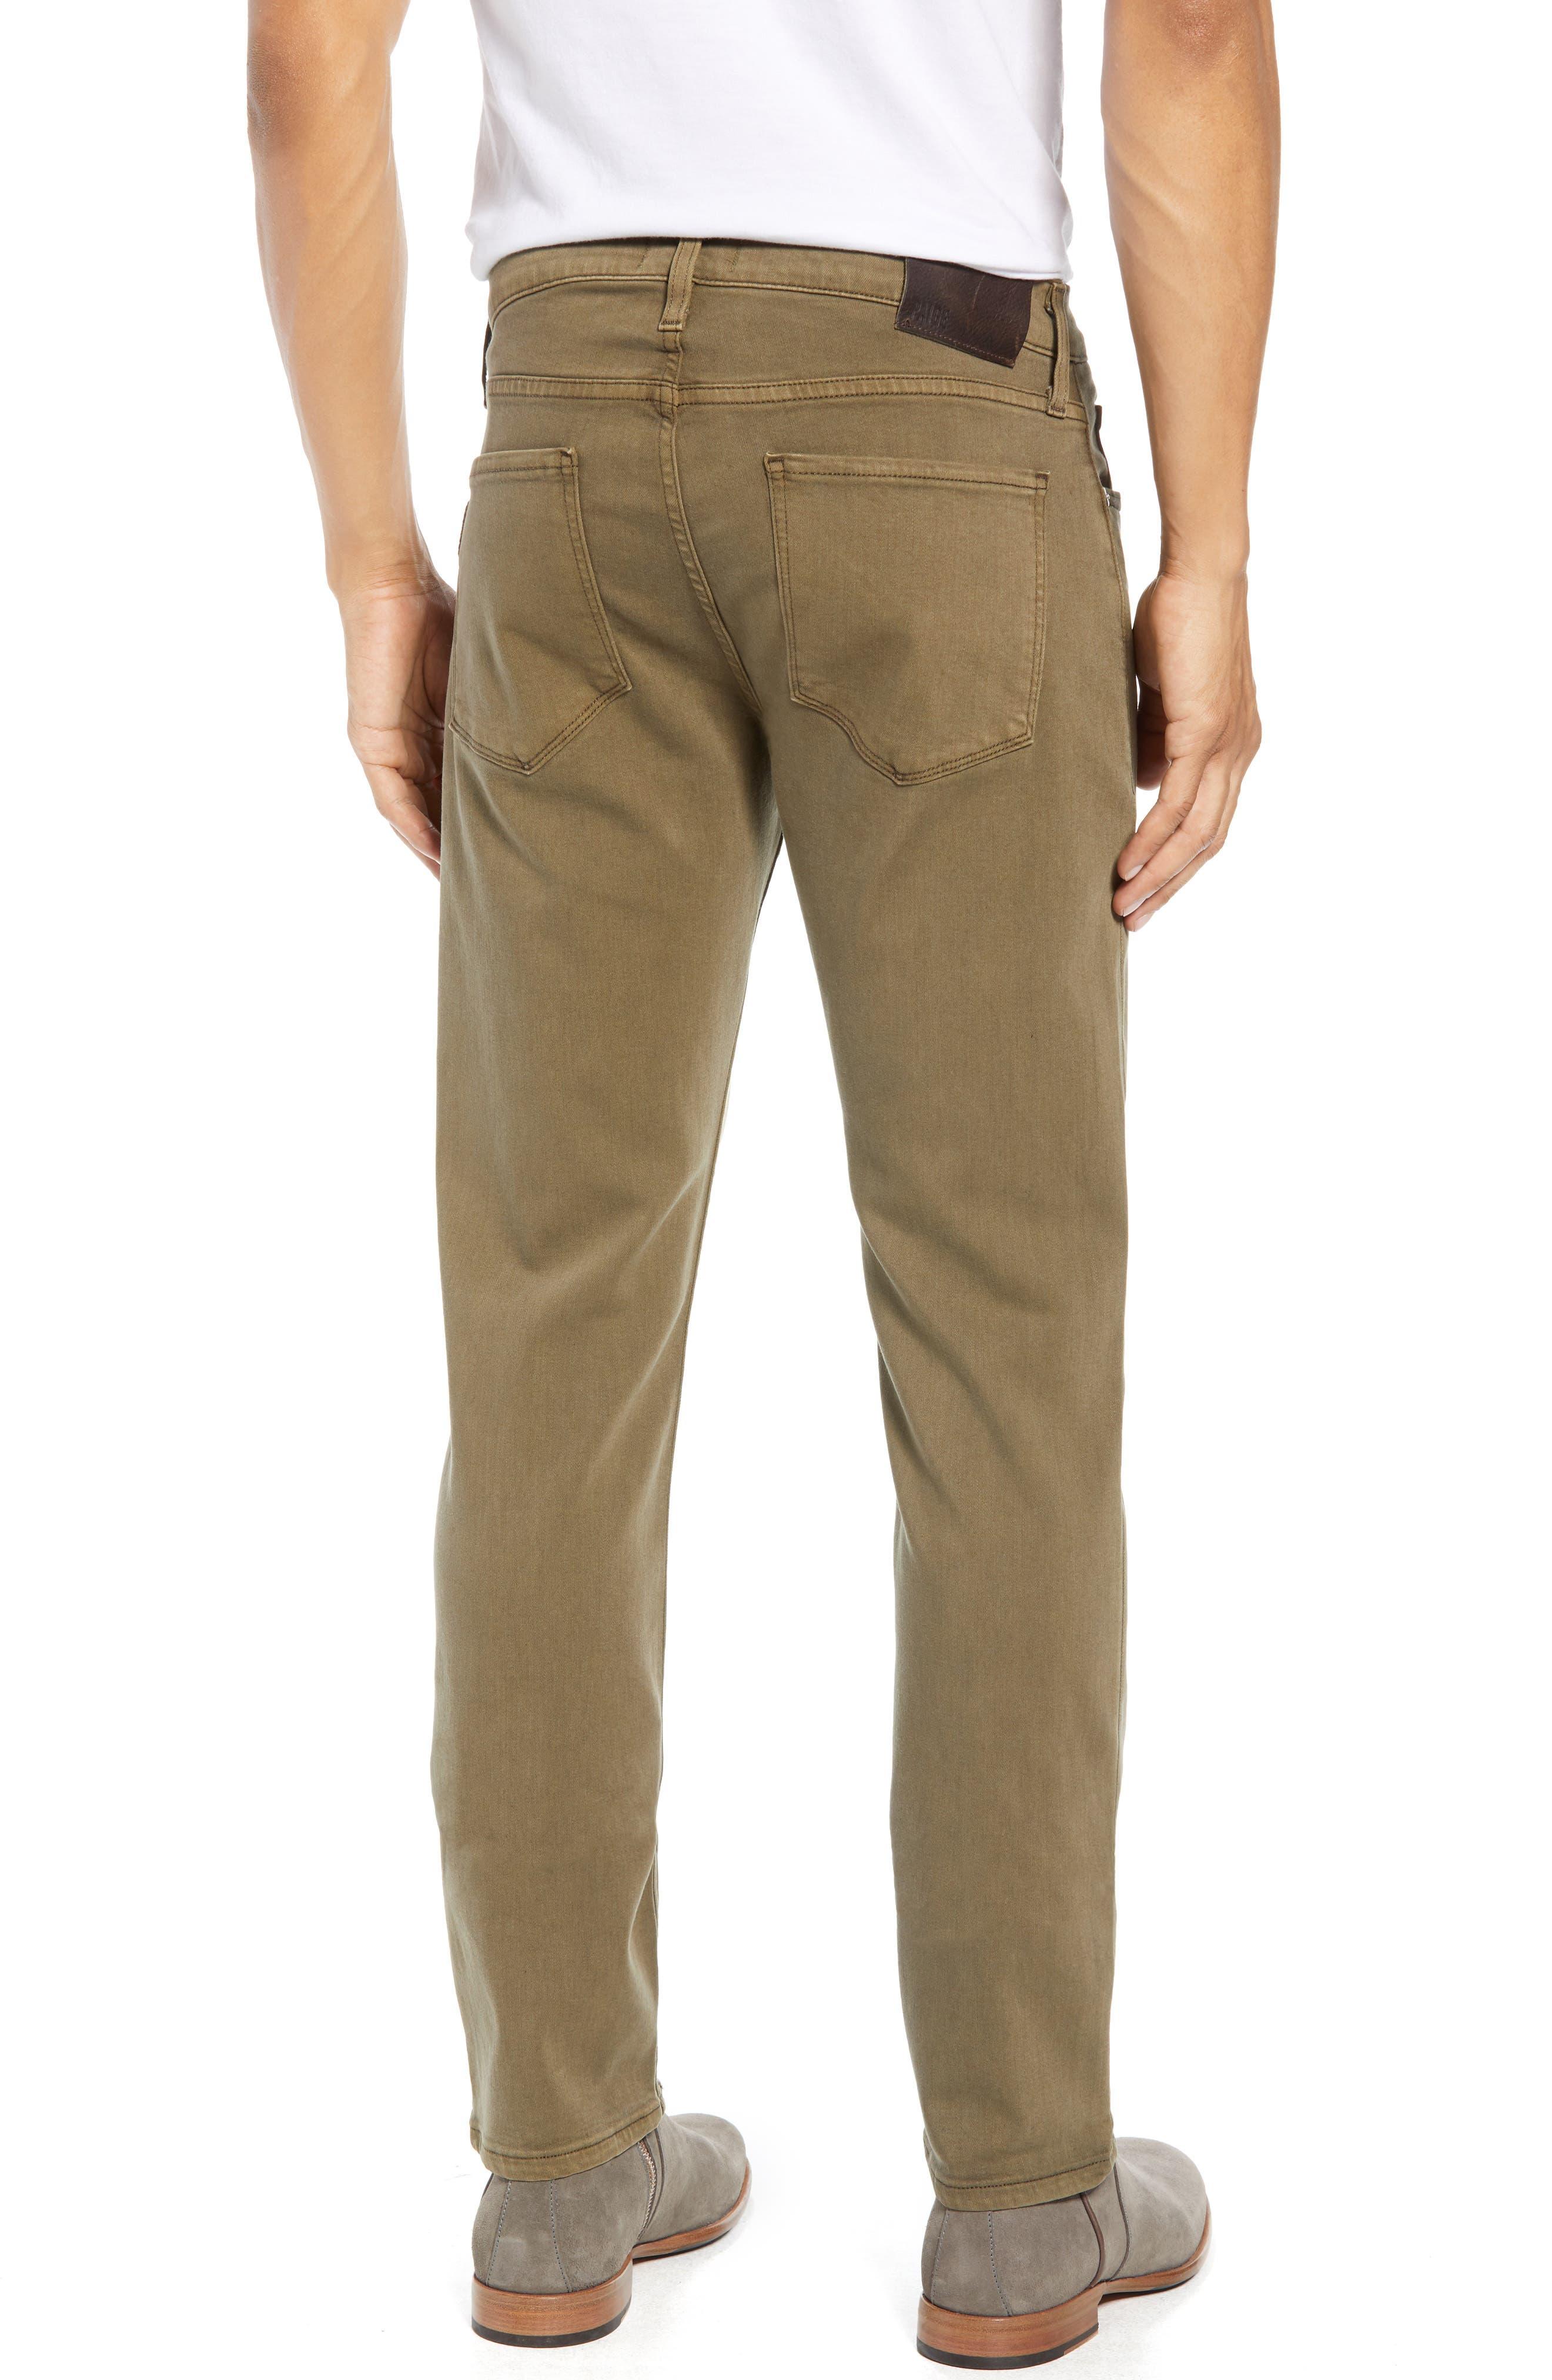 PAIGE,                             Transcend - Federal Slim Straight Leg Jeans,                             Alternate thumbnail 2, color,                             VINTAGE ARTICHOKE